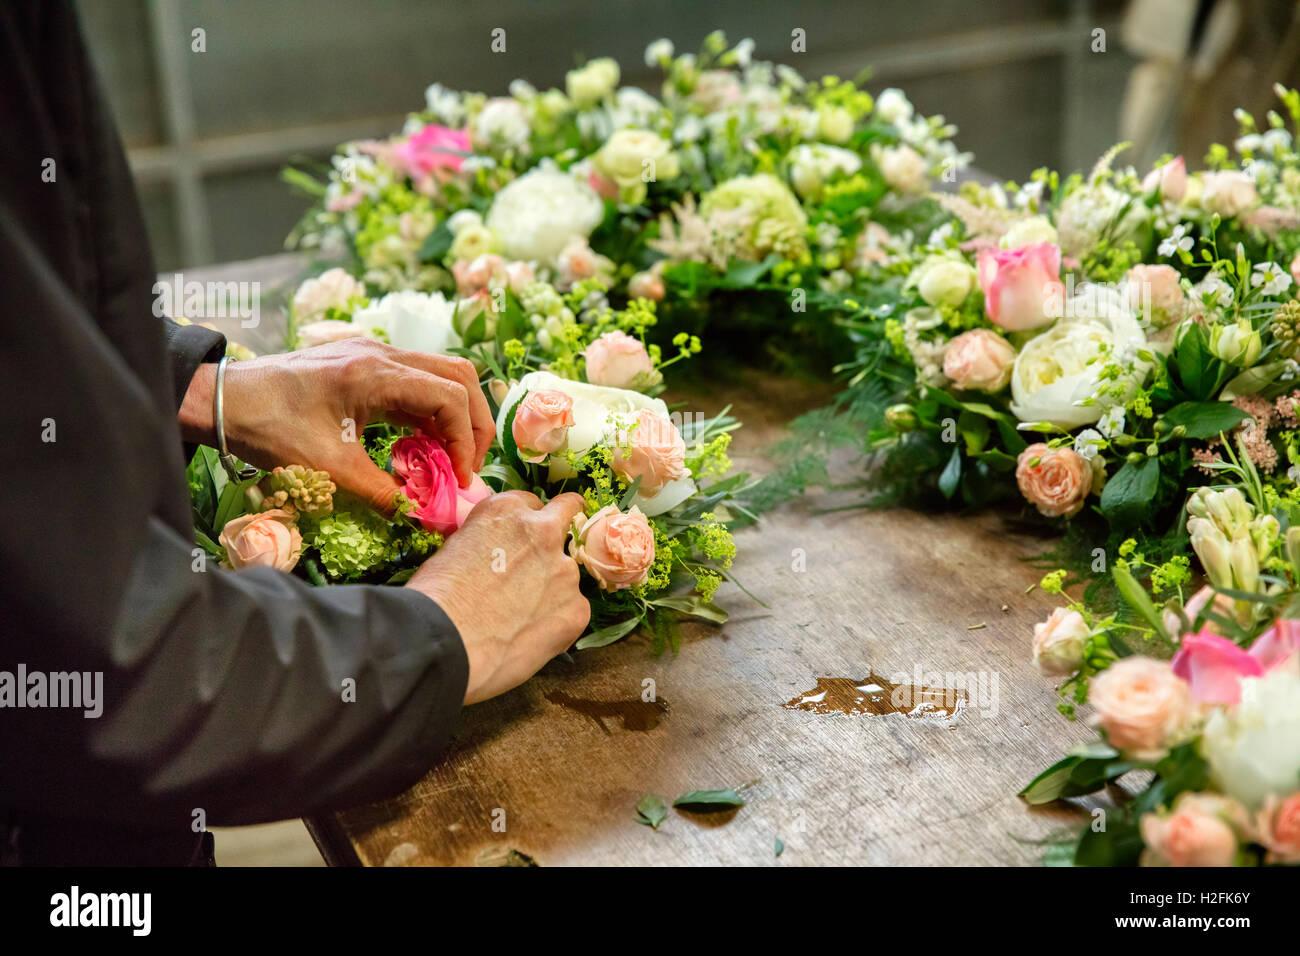 Arreglos florales comerciales. Una floristería, una mujer que trabaja en una decoración floral en un banco. Imagen De Stock